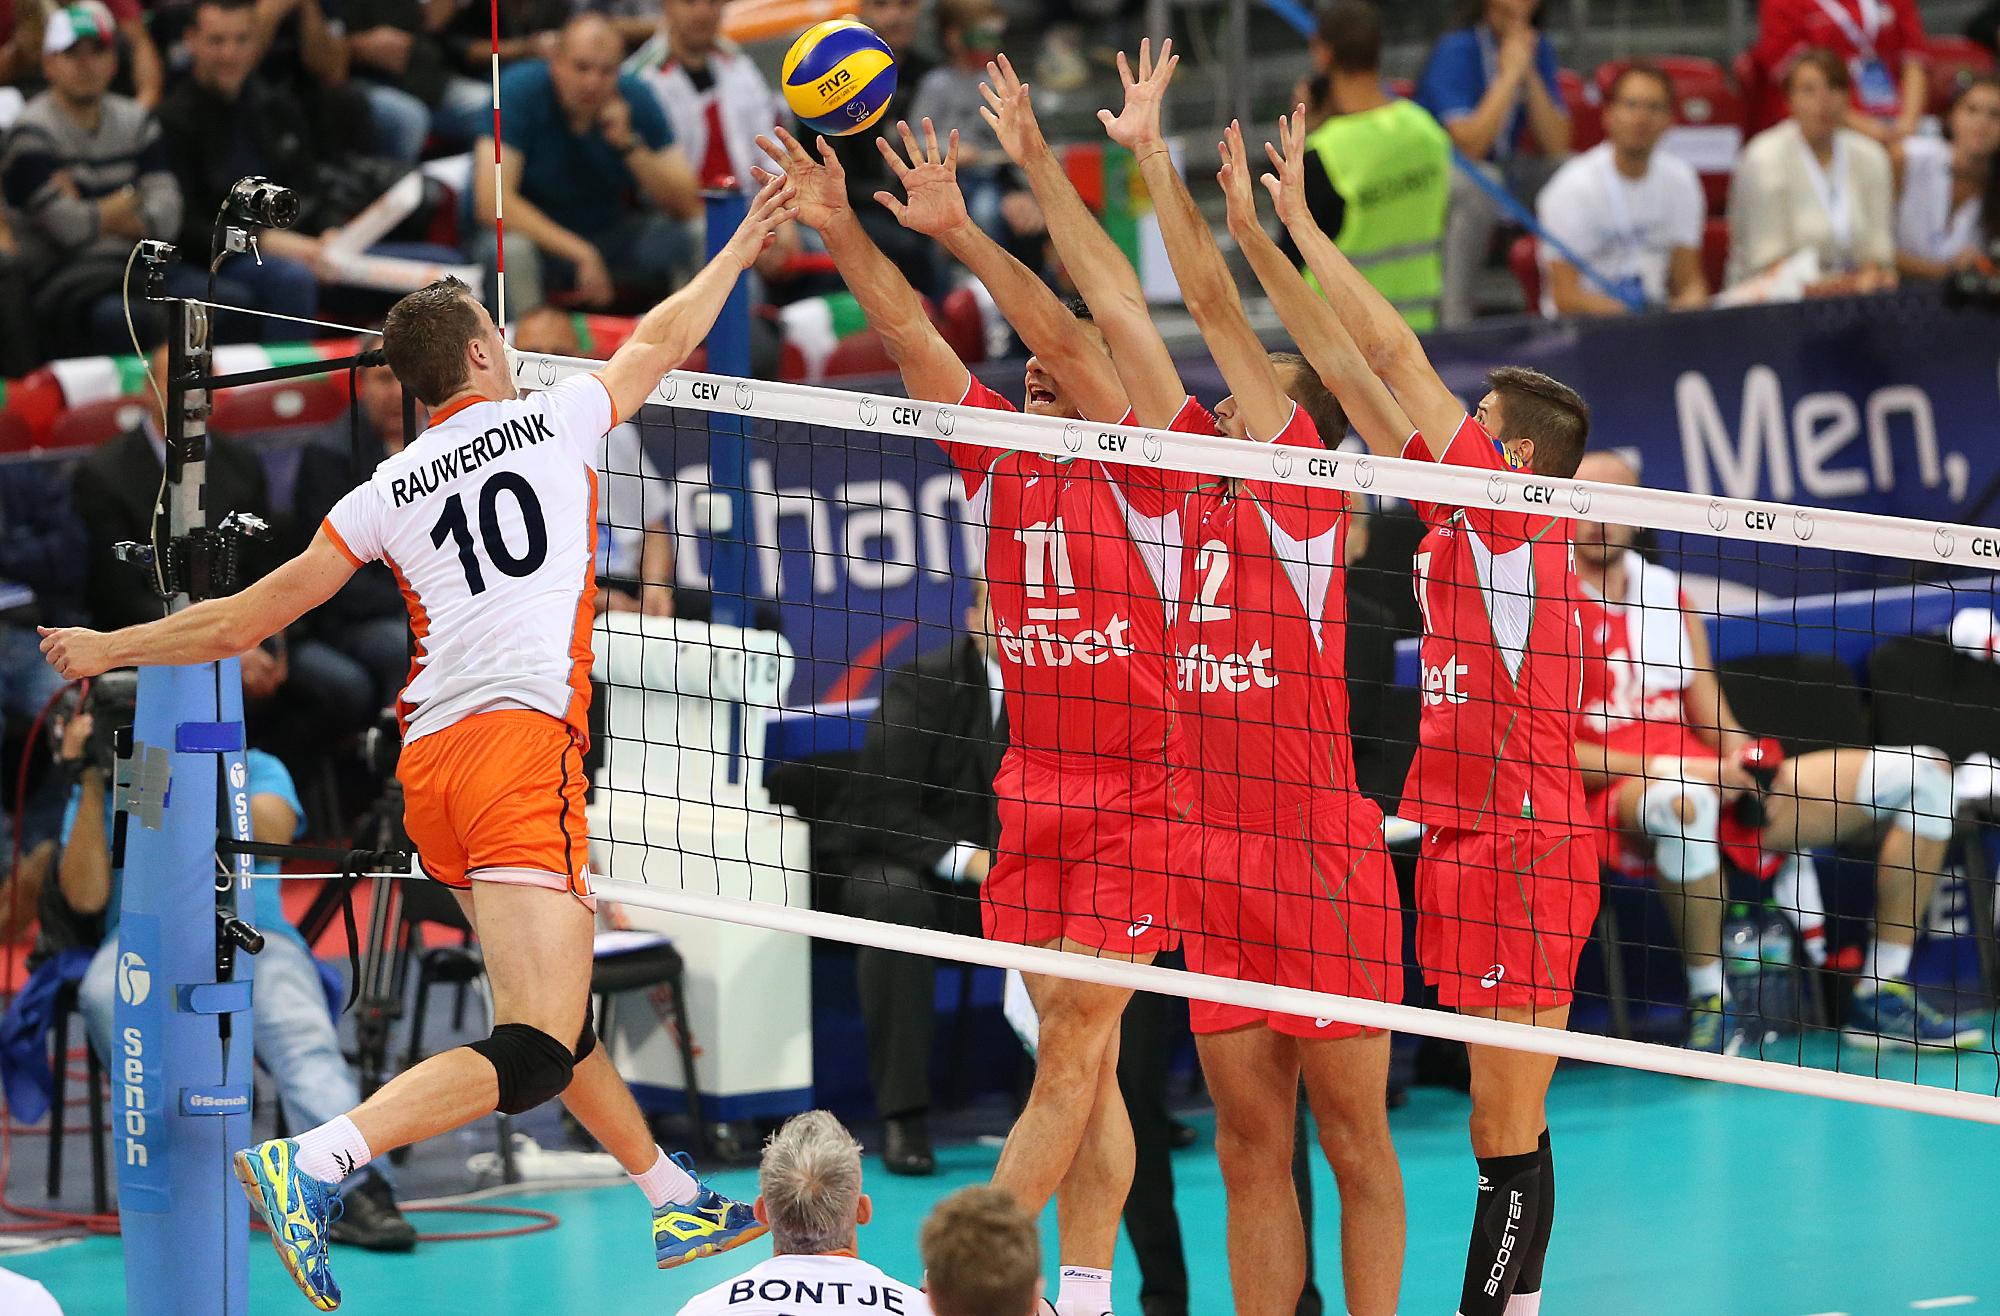 Нерви, контузии и все пак ценно 3:2 срещу Холандия